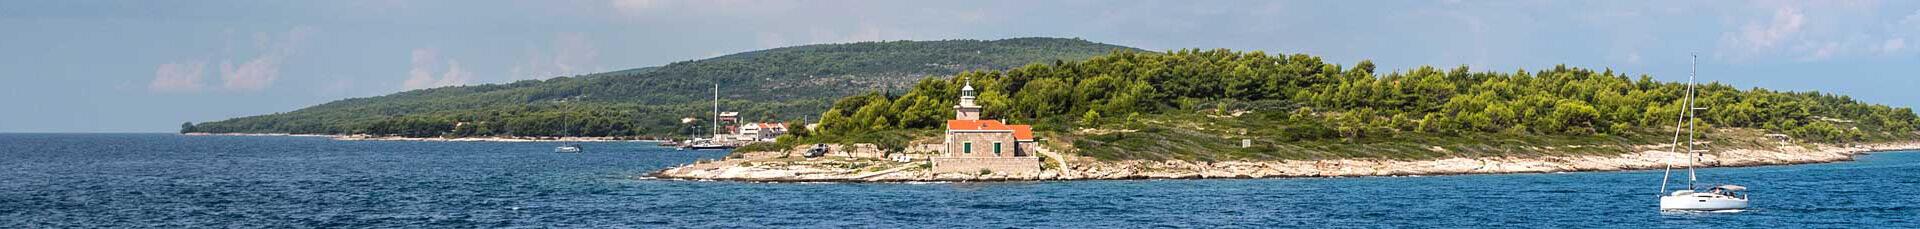 Accommodation Intro Lighthouse